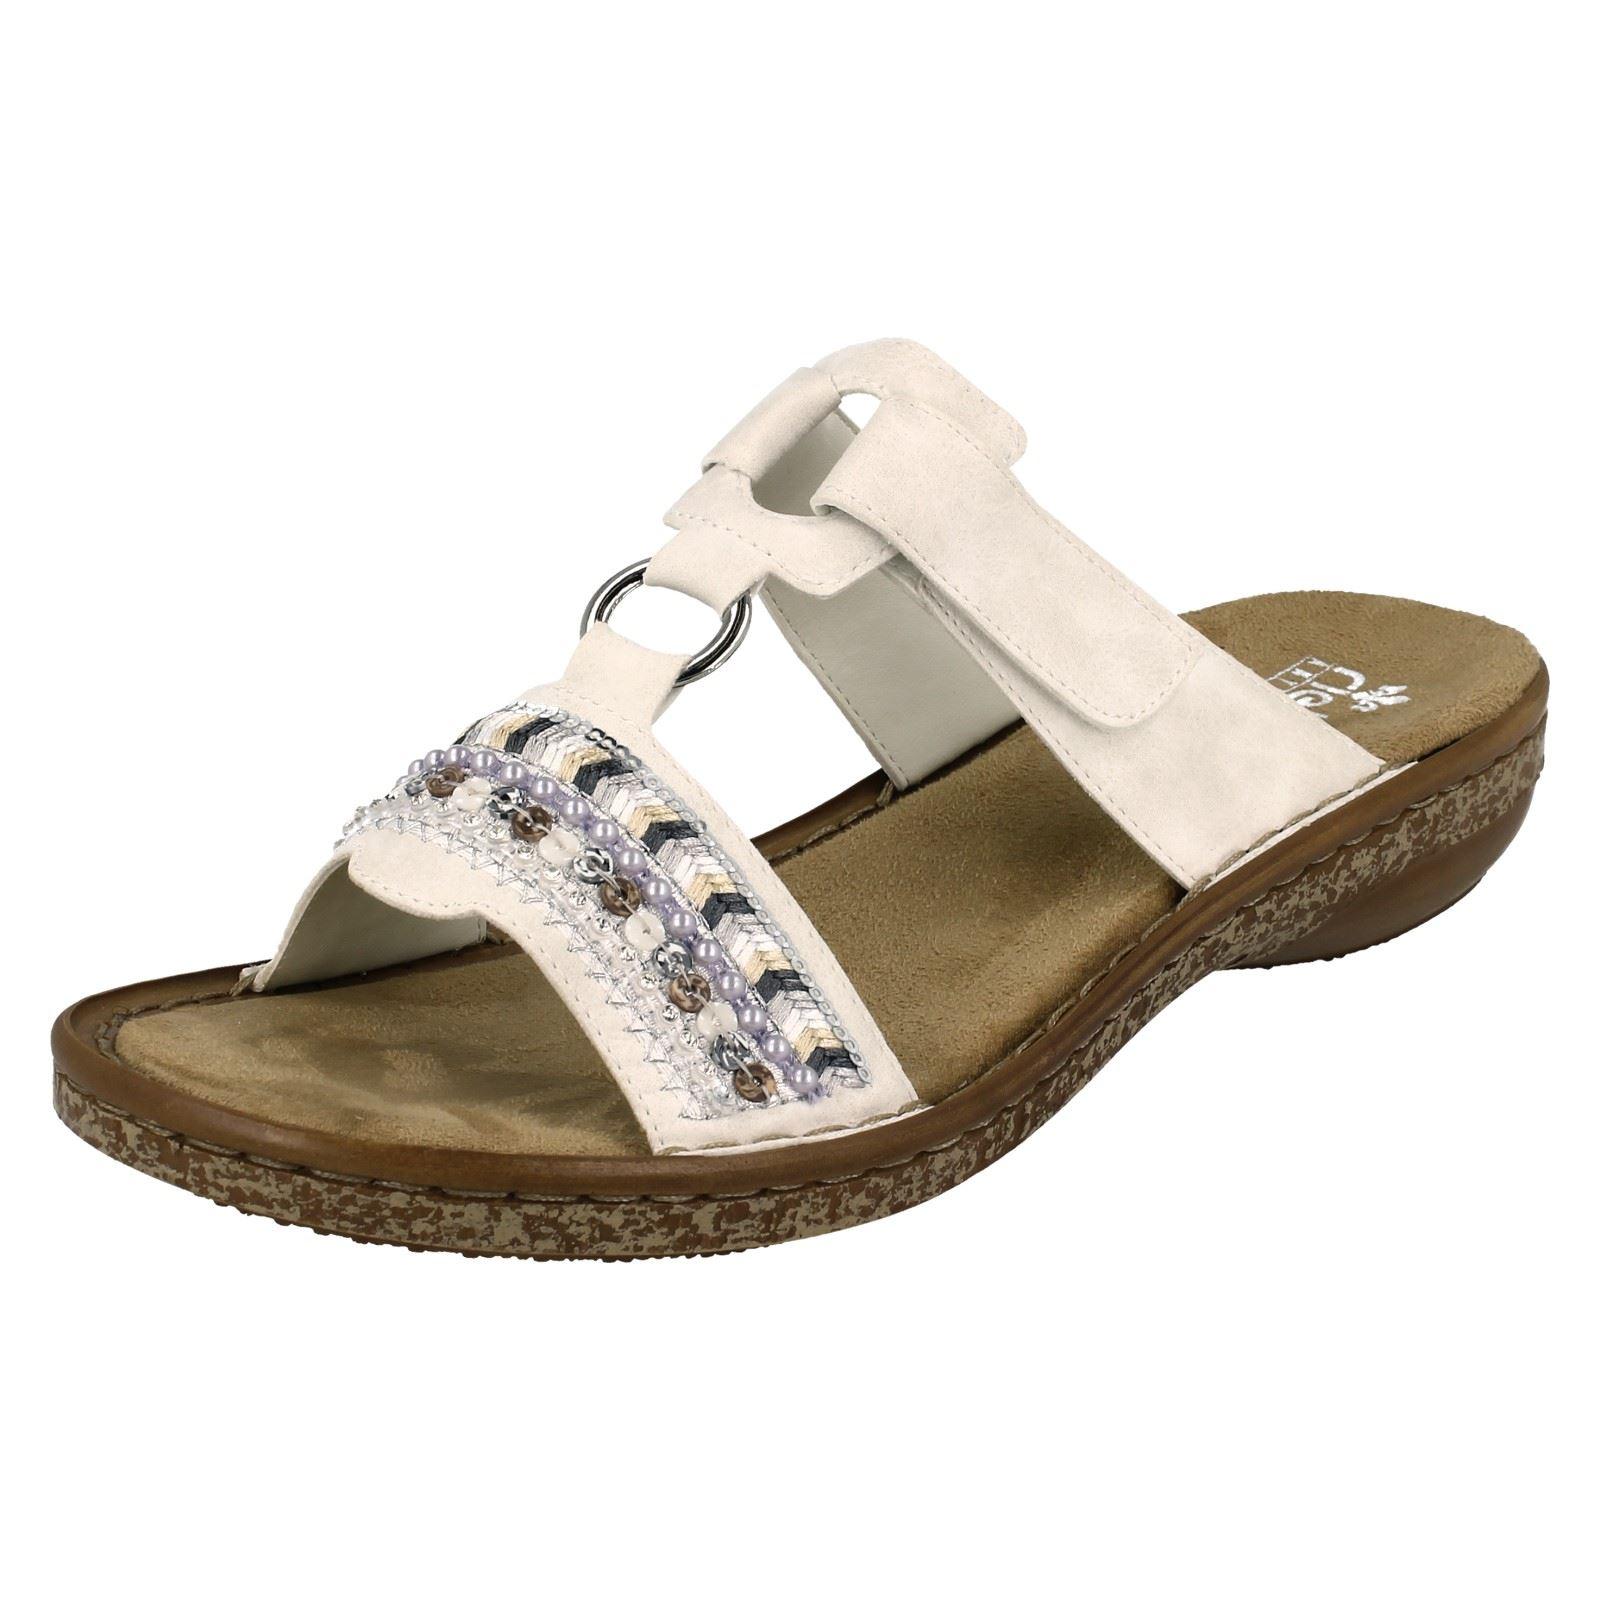 Rieker 628m6-14 zapatos señora sandalias sandalias